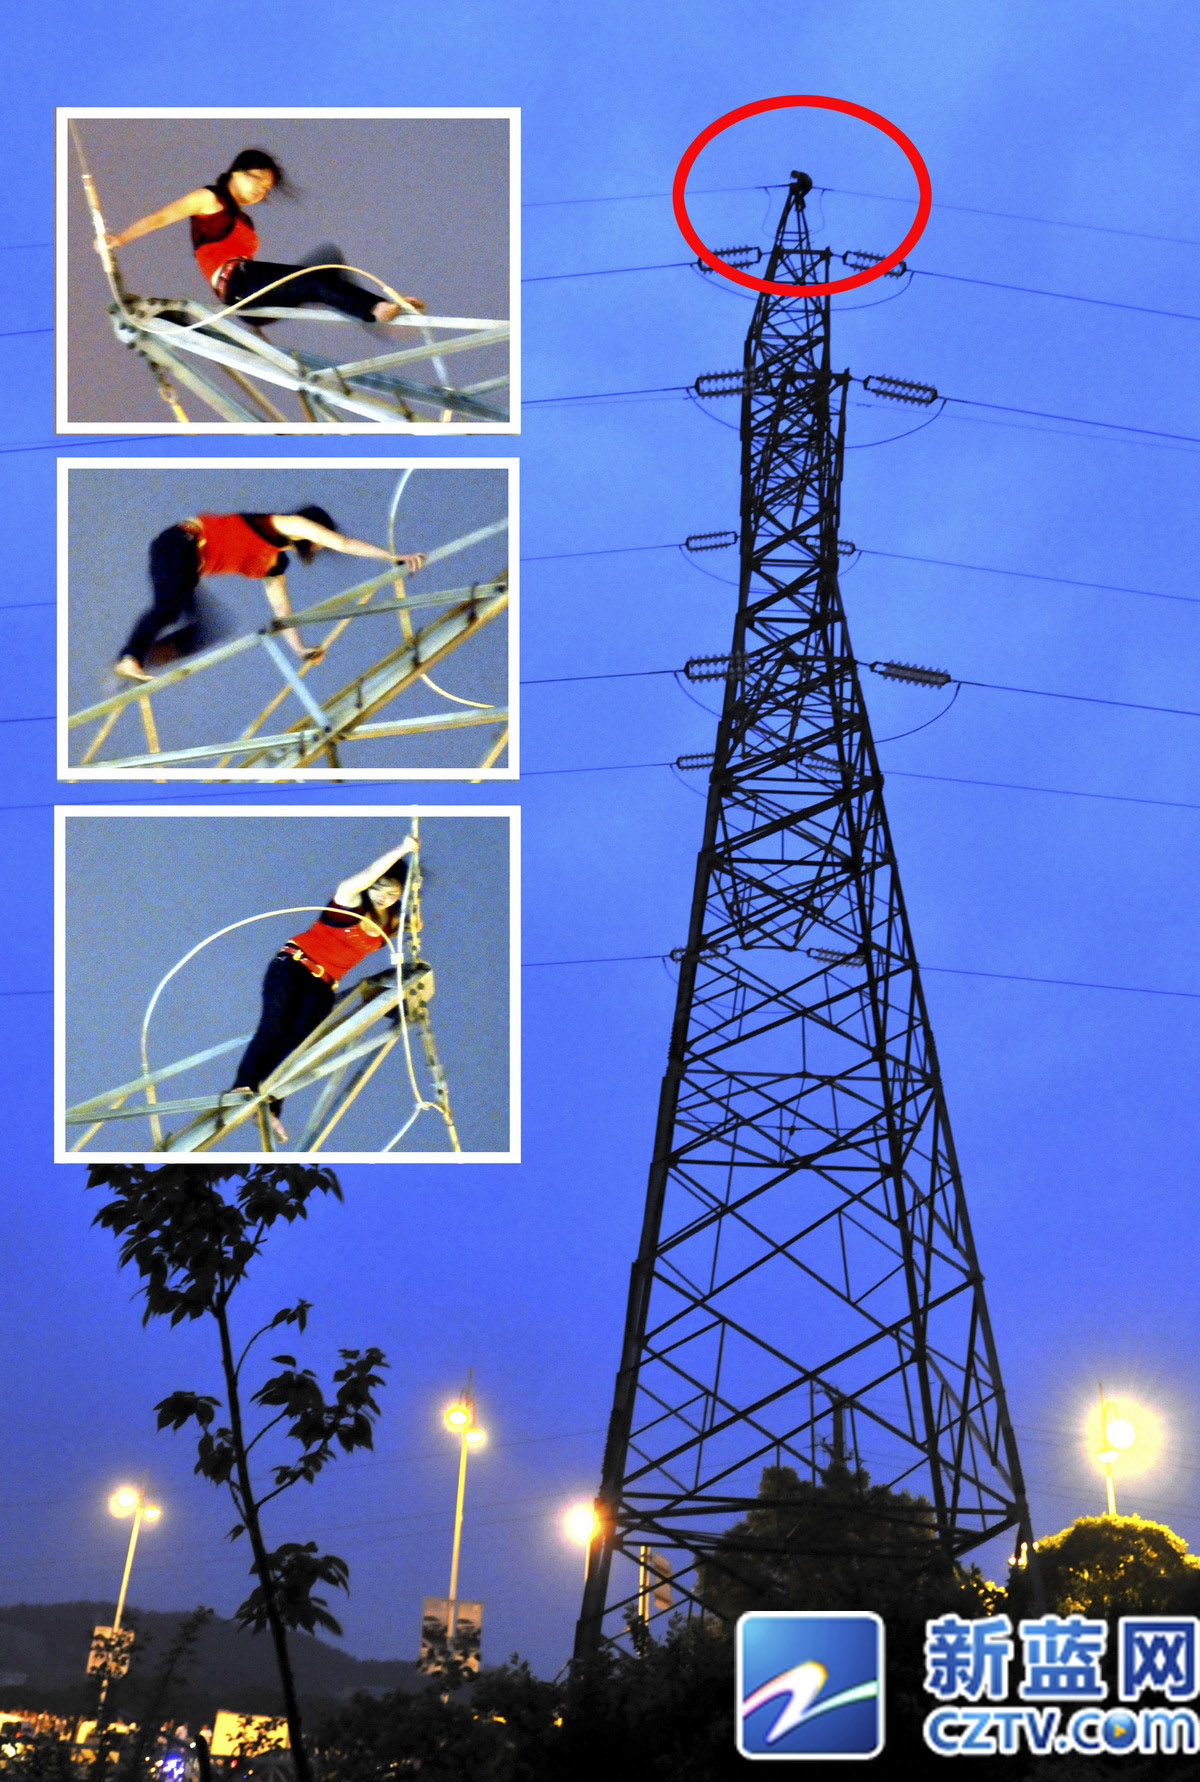 米多高的高压电塔欲轻生